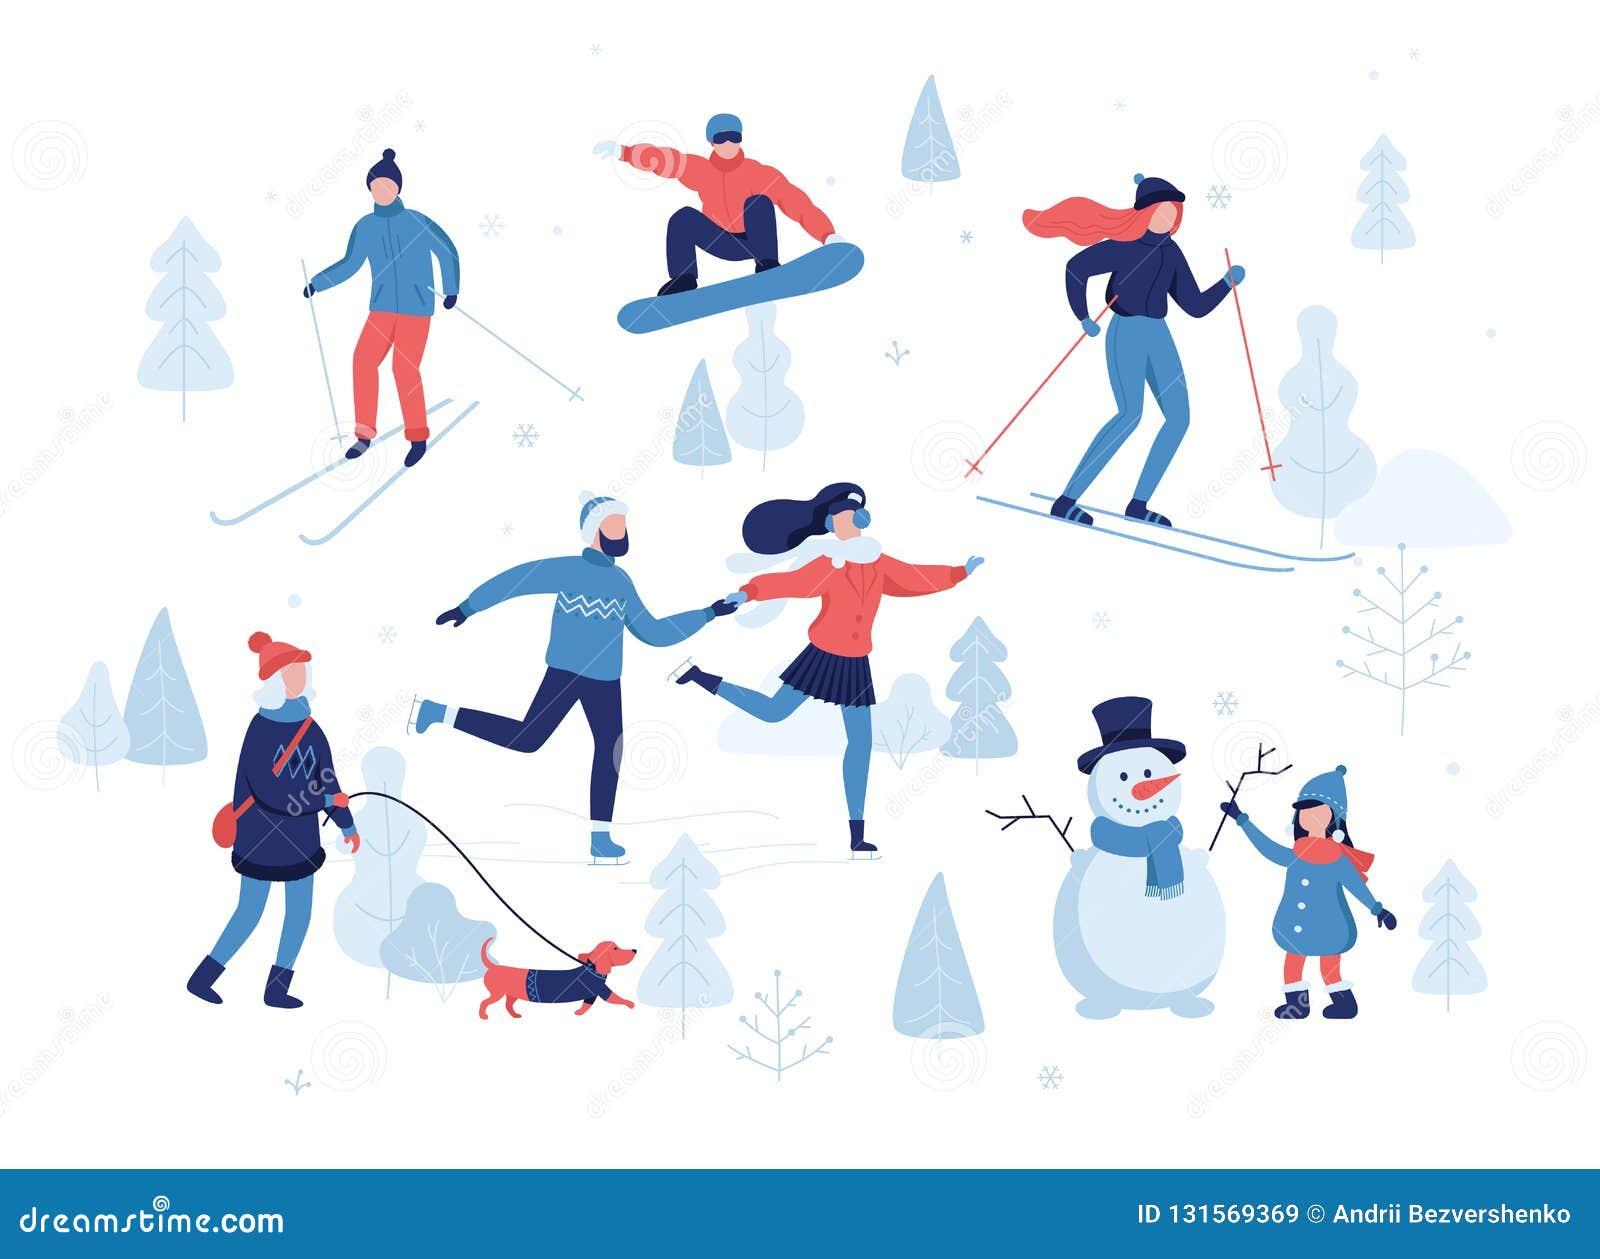 Les Gens Ayant Des Activites D Hiver Dans Le Parc Ski Patinage